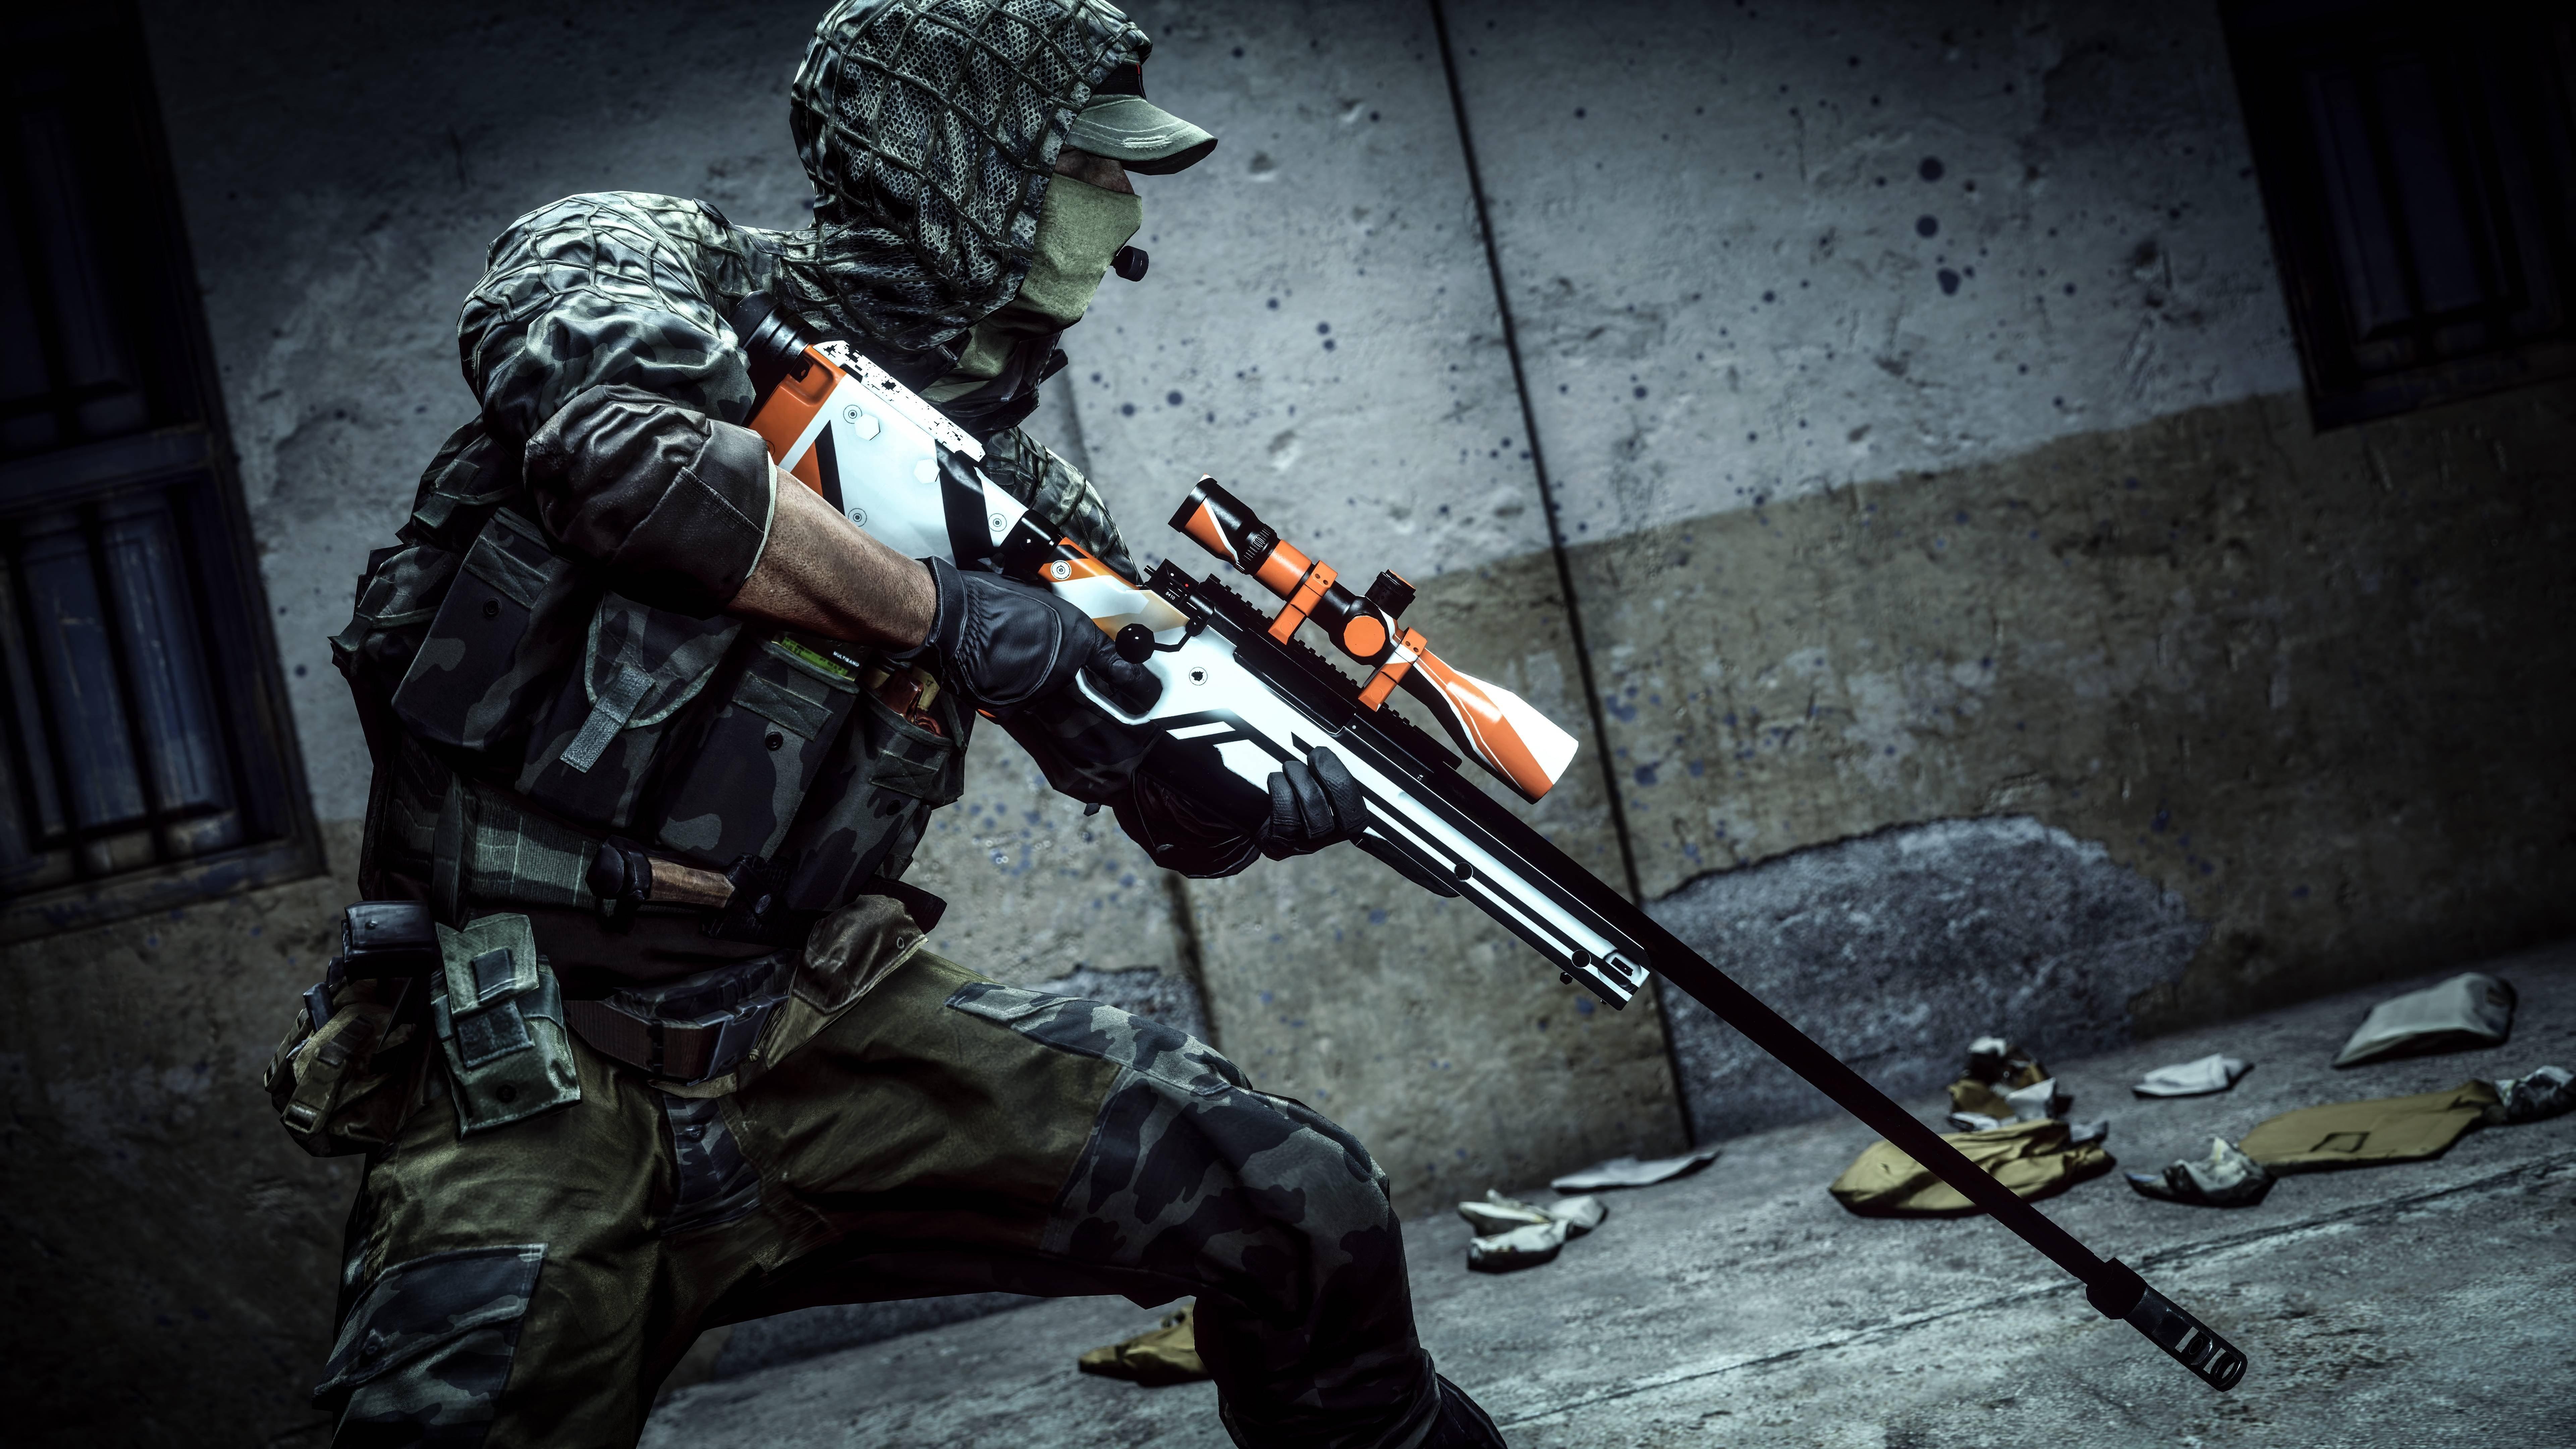 Battlefield Asiimov Sniper wallpaper